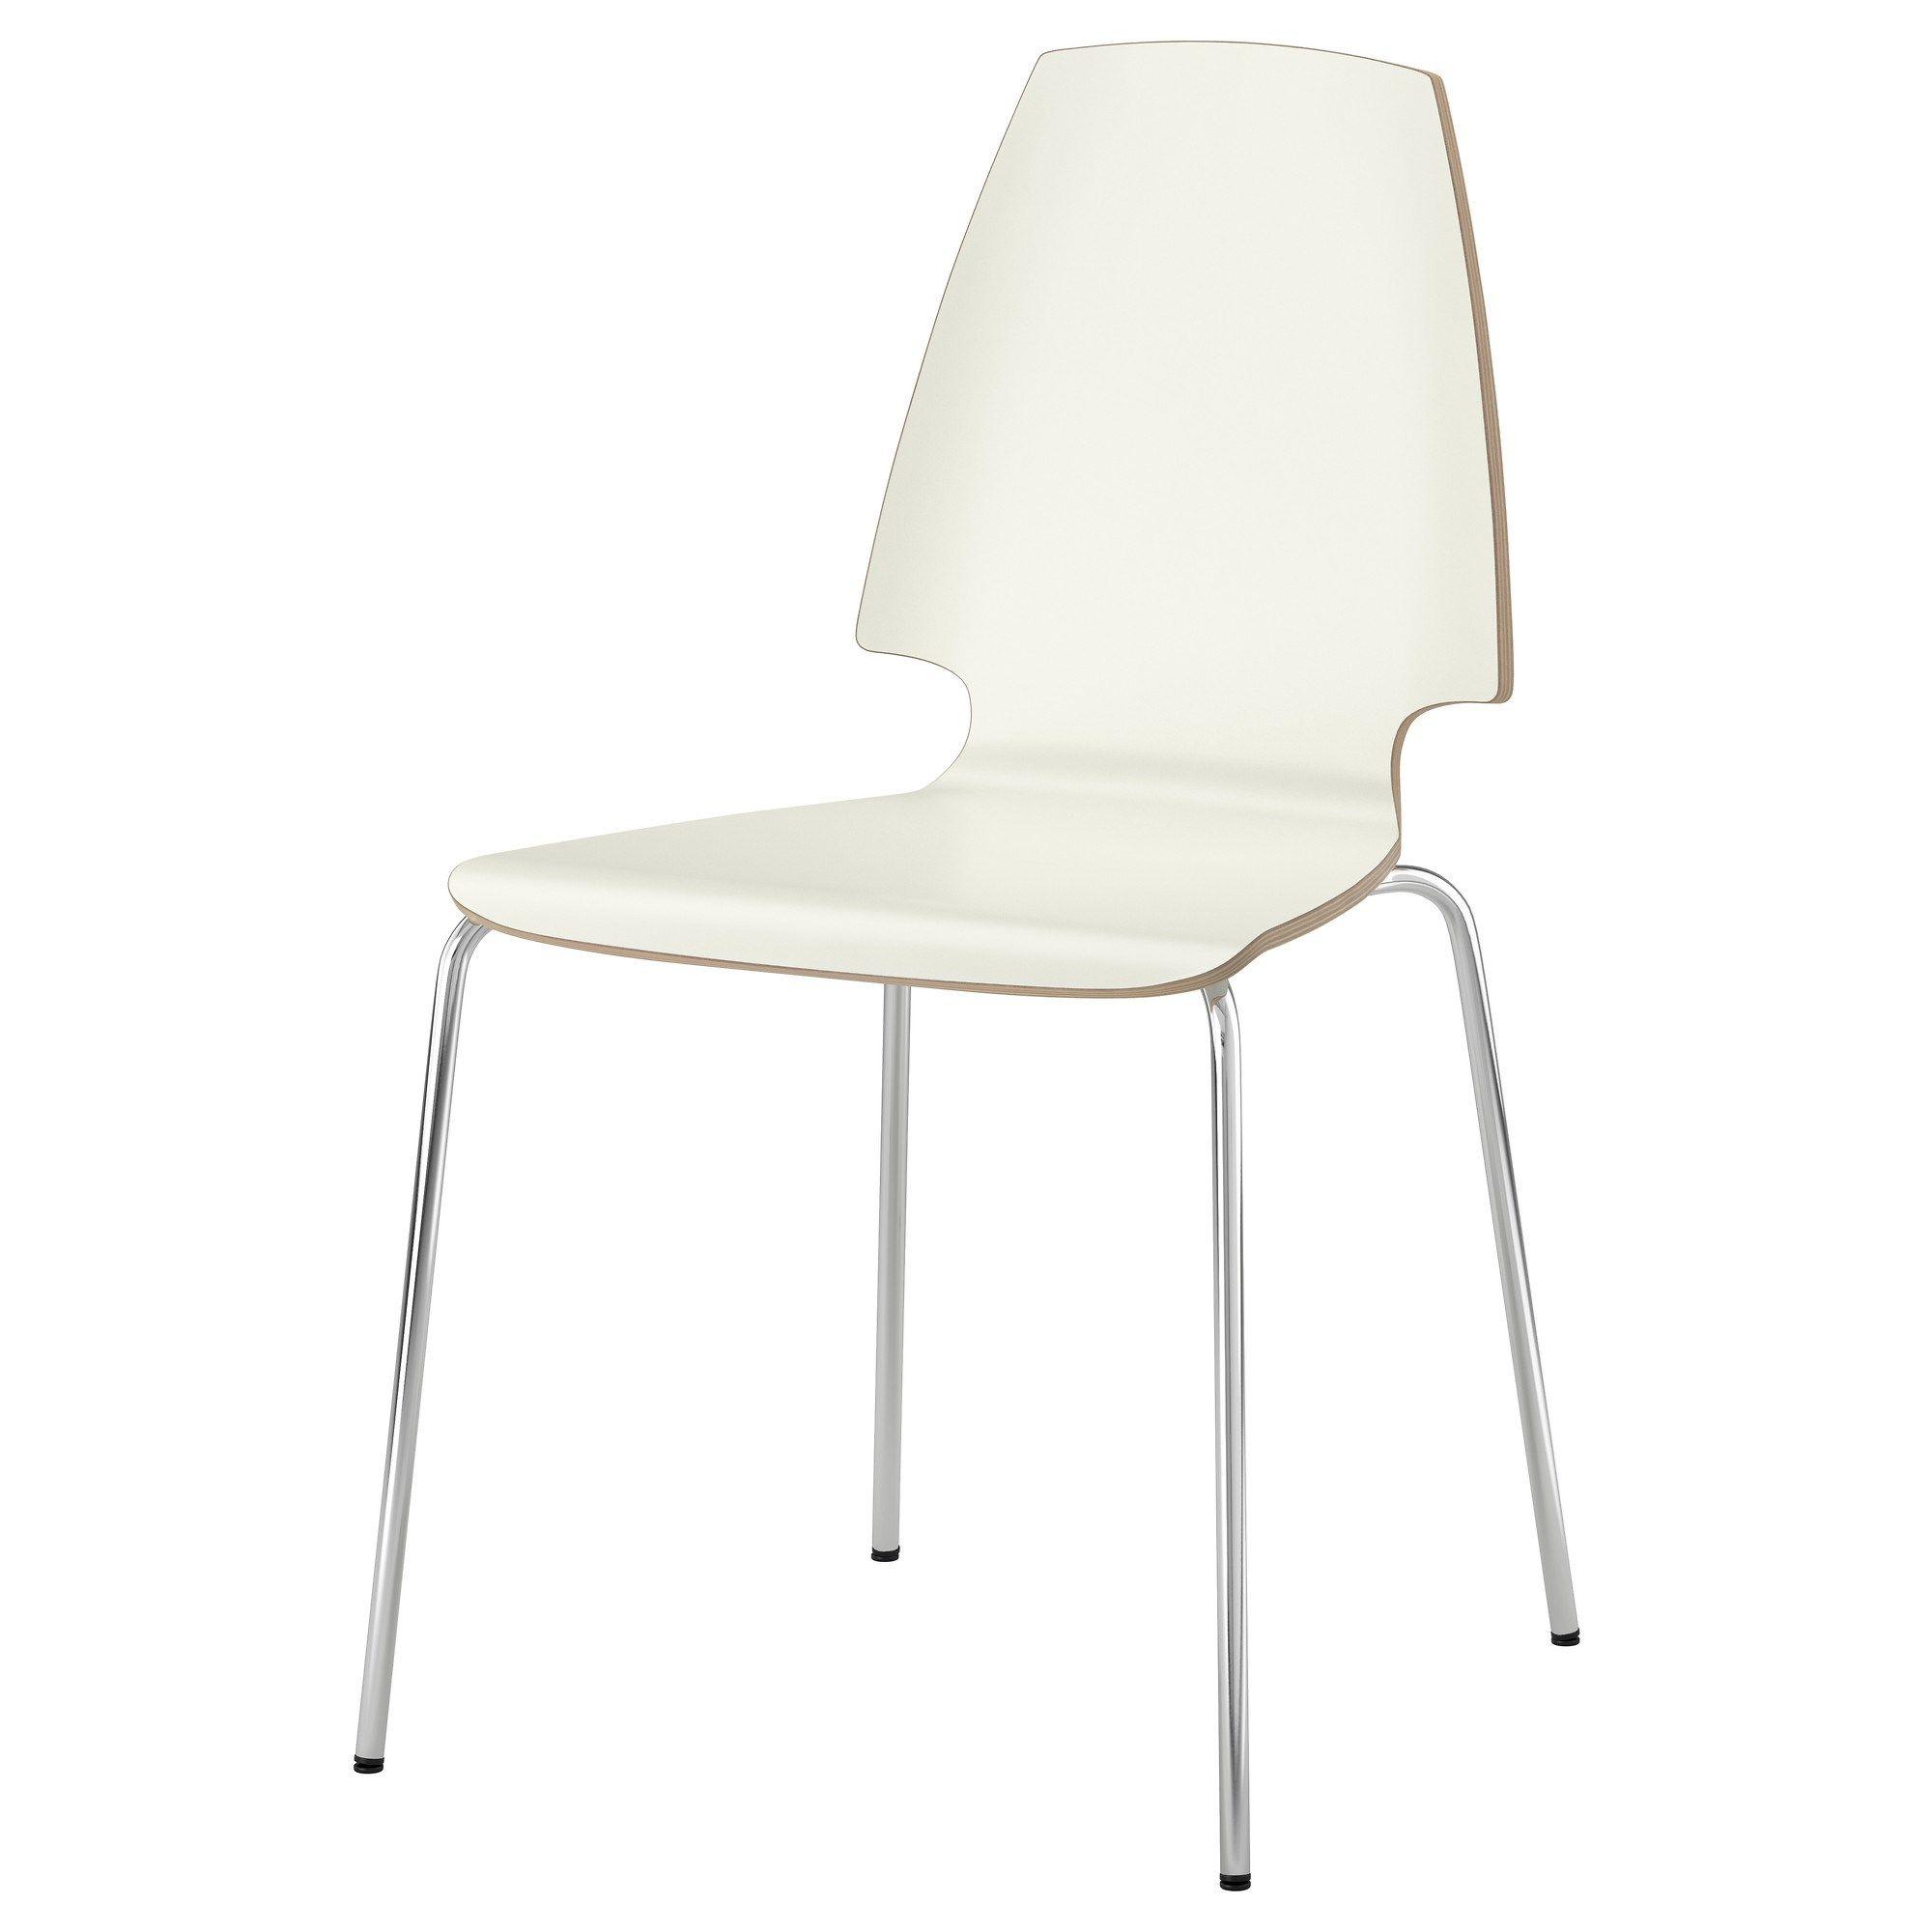 Vilmar chair $60 Width: 20 1/2 \